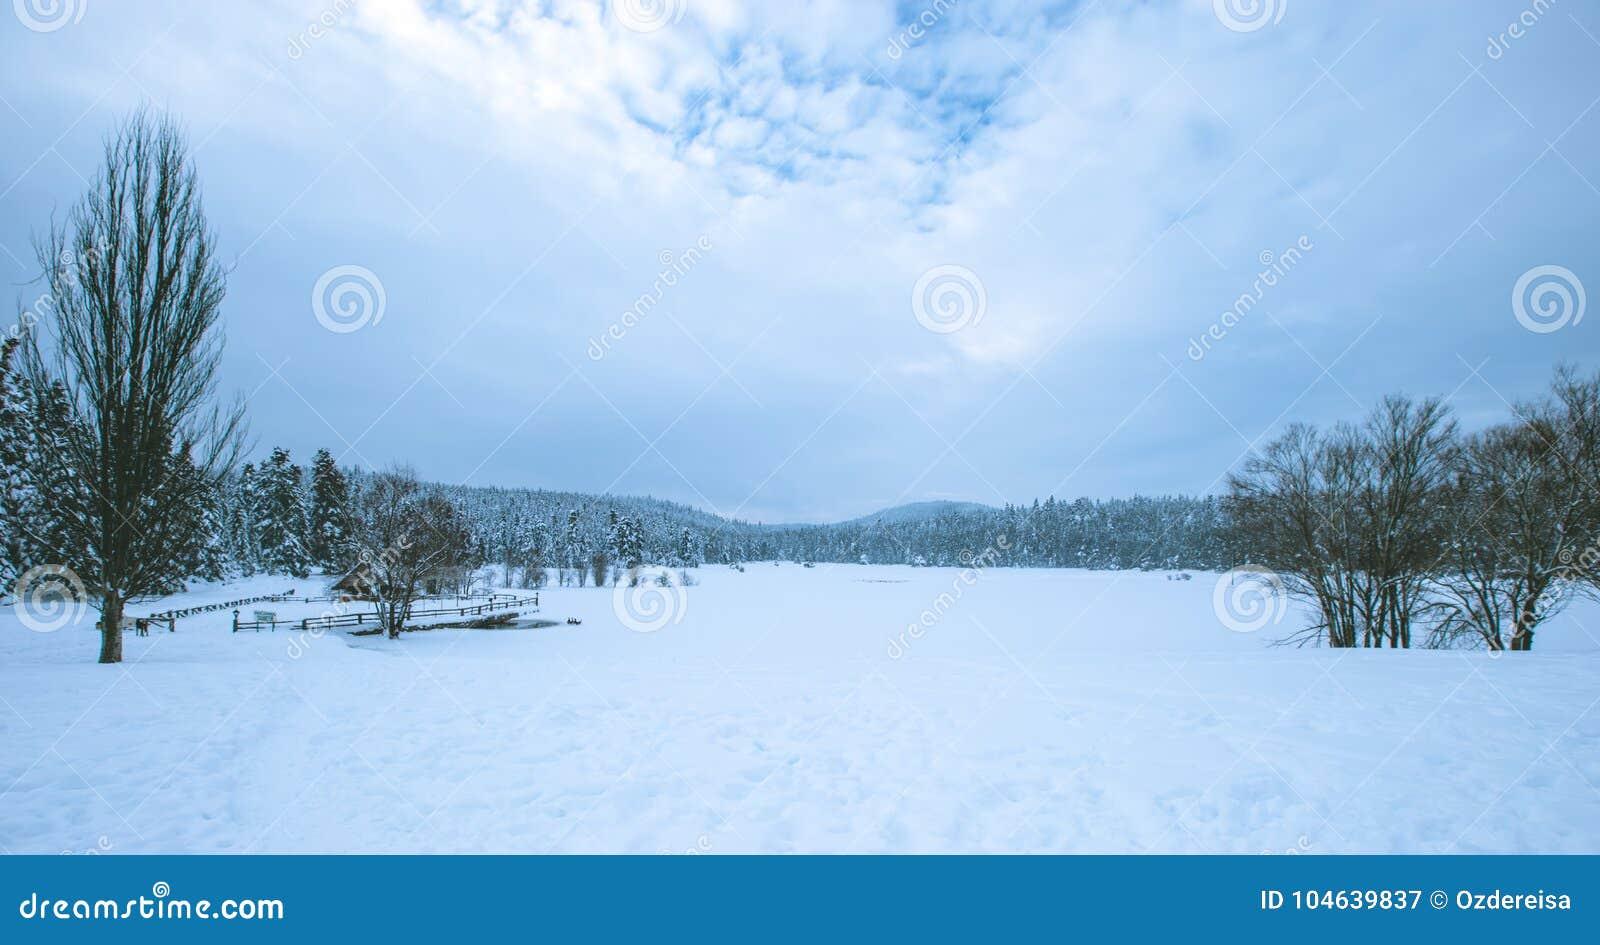 Download Mening Van De Winter Bevroren Meer Met Pijnboombos Stock Afbeelding - Afbeelding bestaande uit landschap, december: 104639837